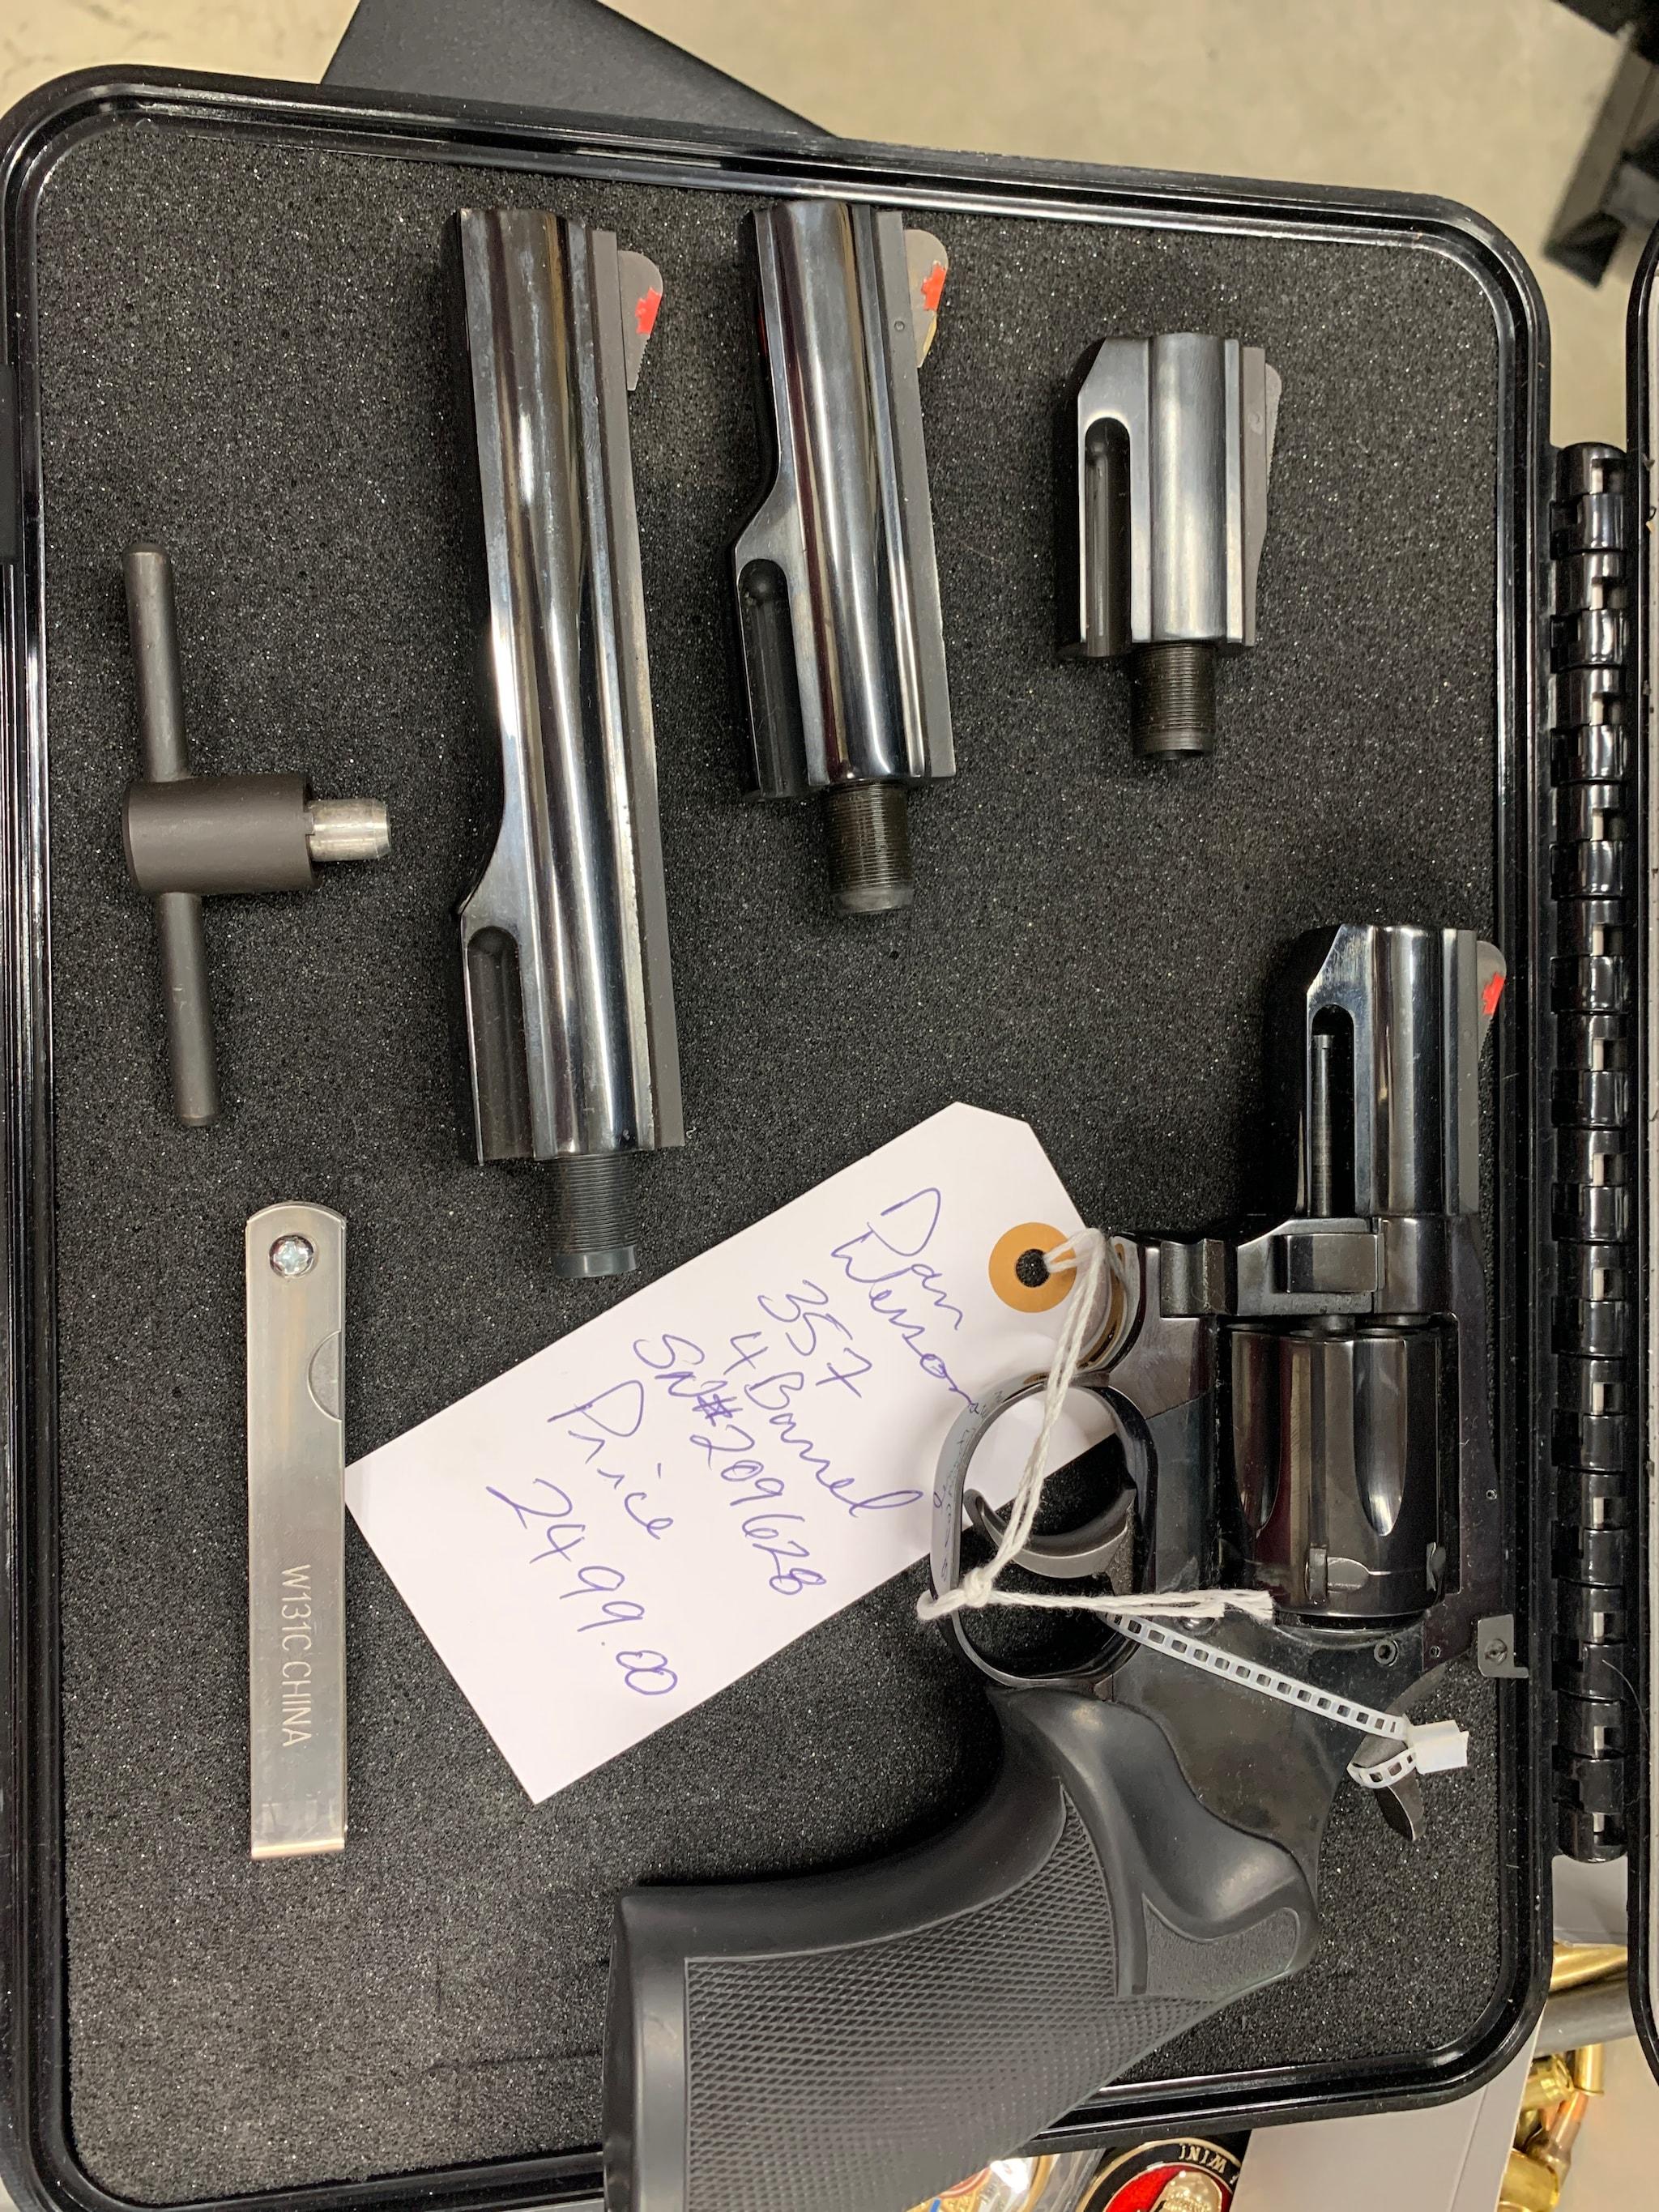 DAN WESSON FIREARMS 357 Magnum ctg